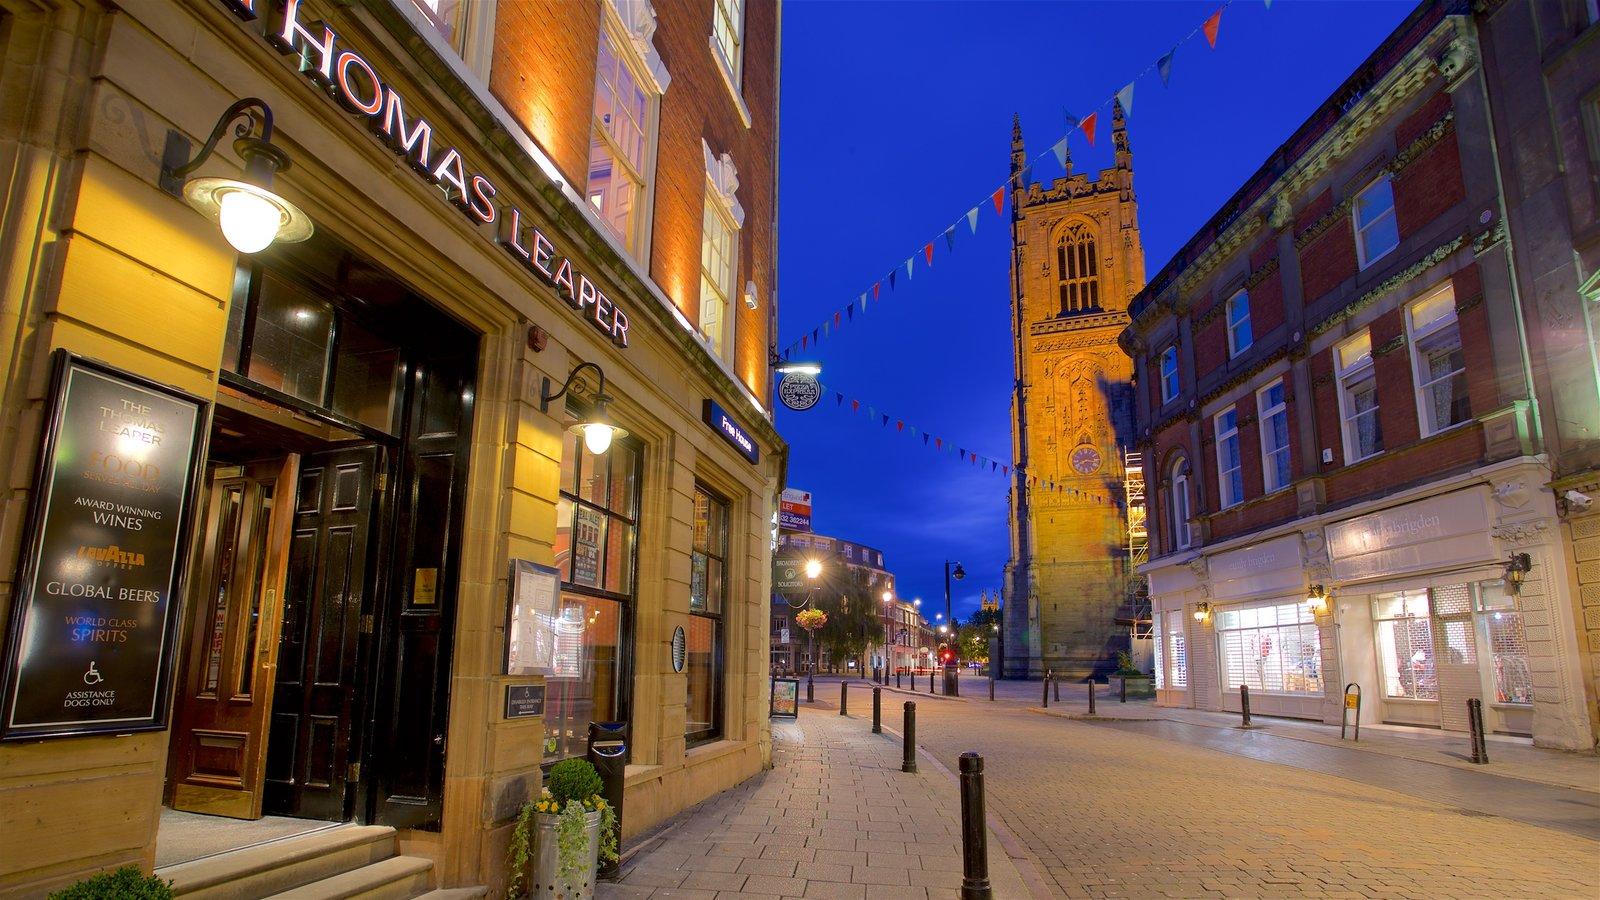 Derby Cathedral mostrando arquitetura de patrimônio e cenas noturnas